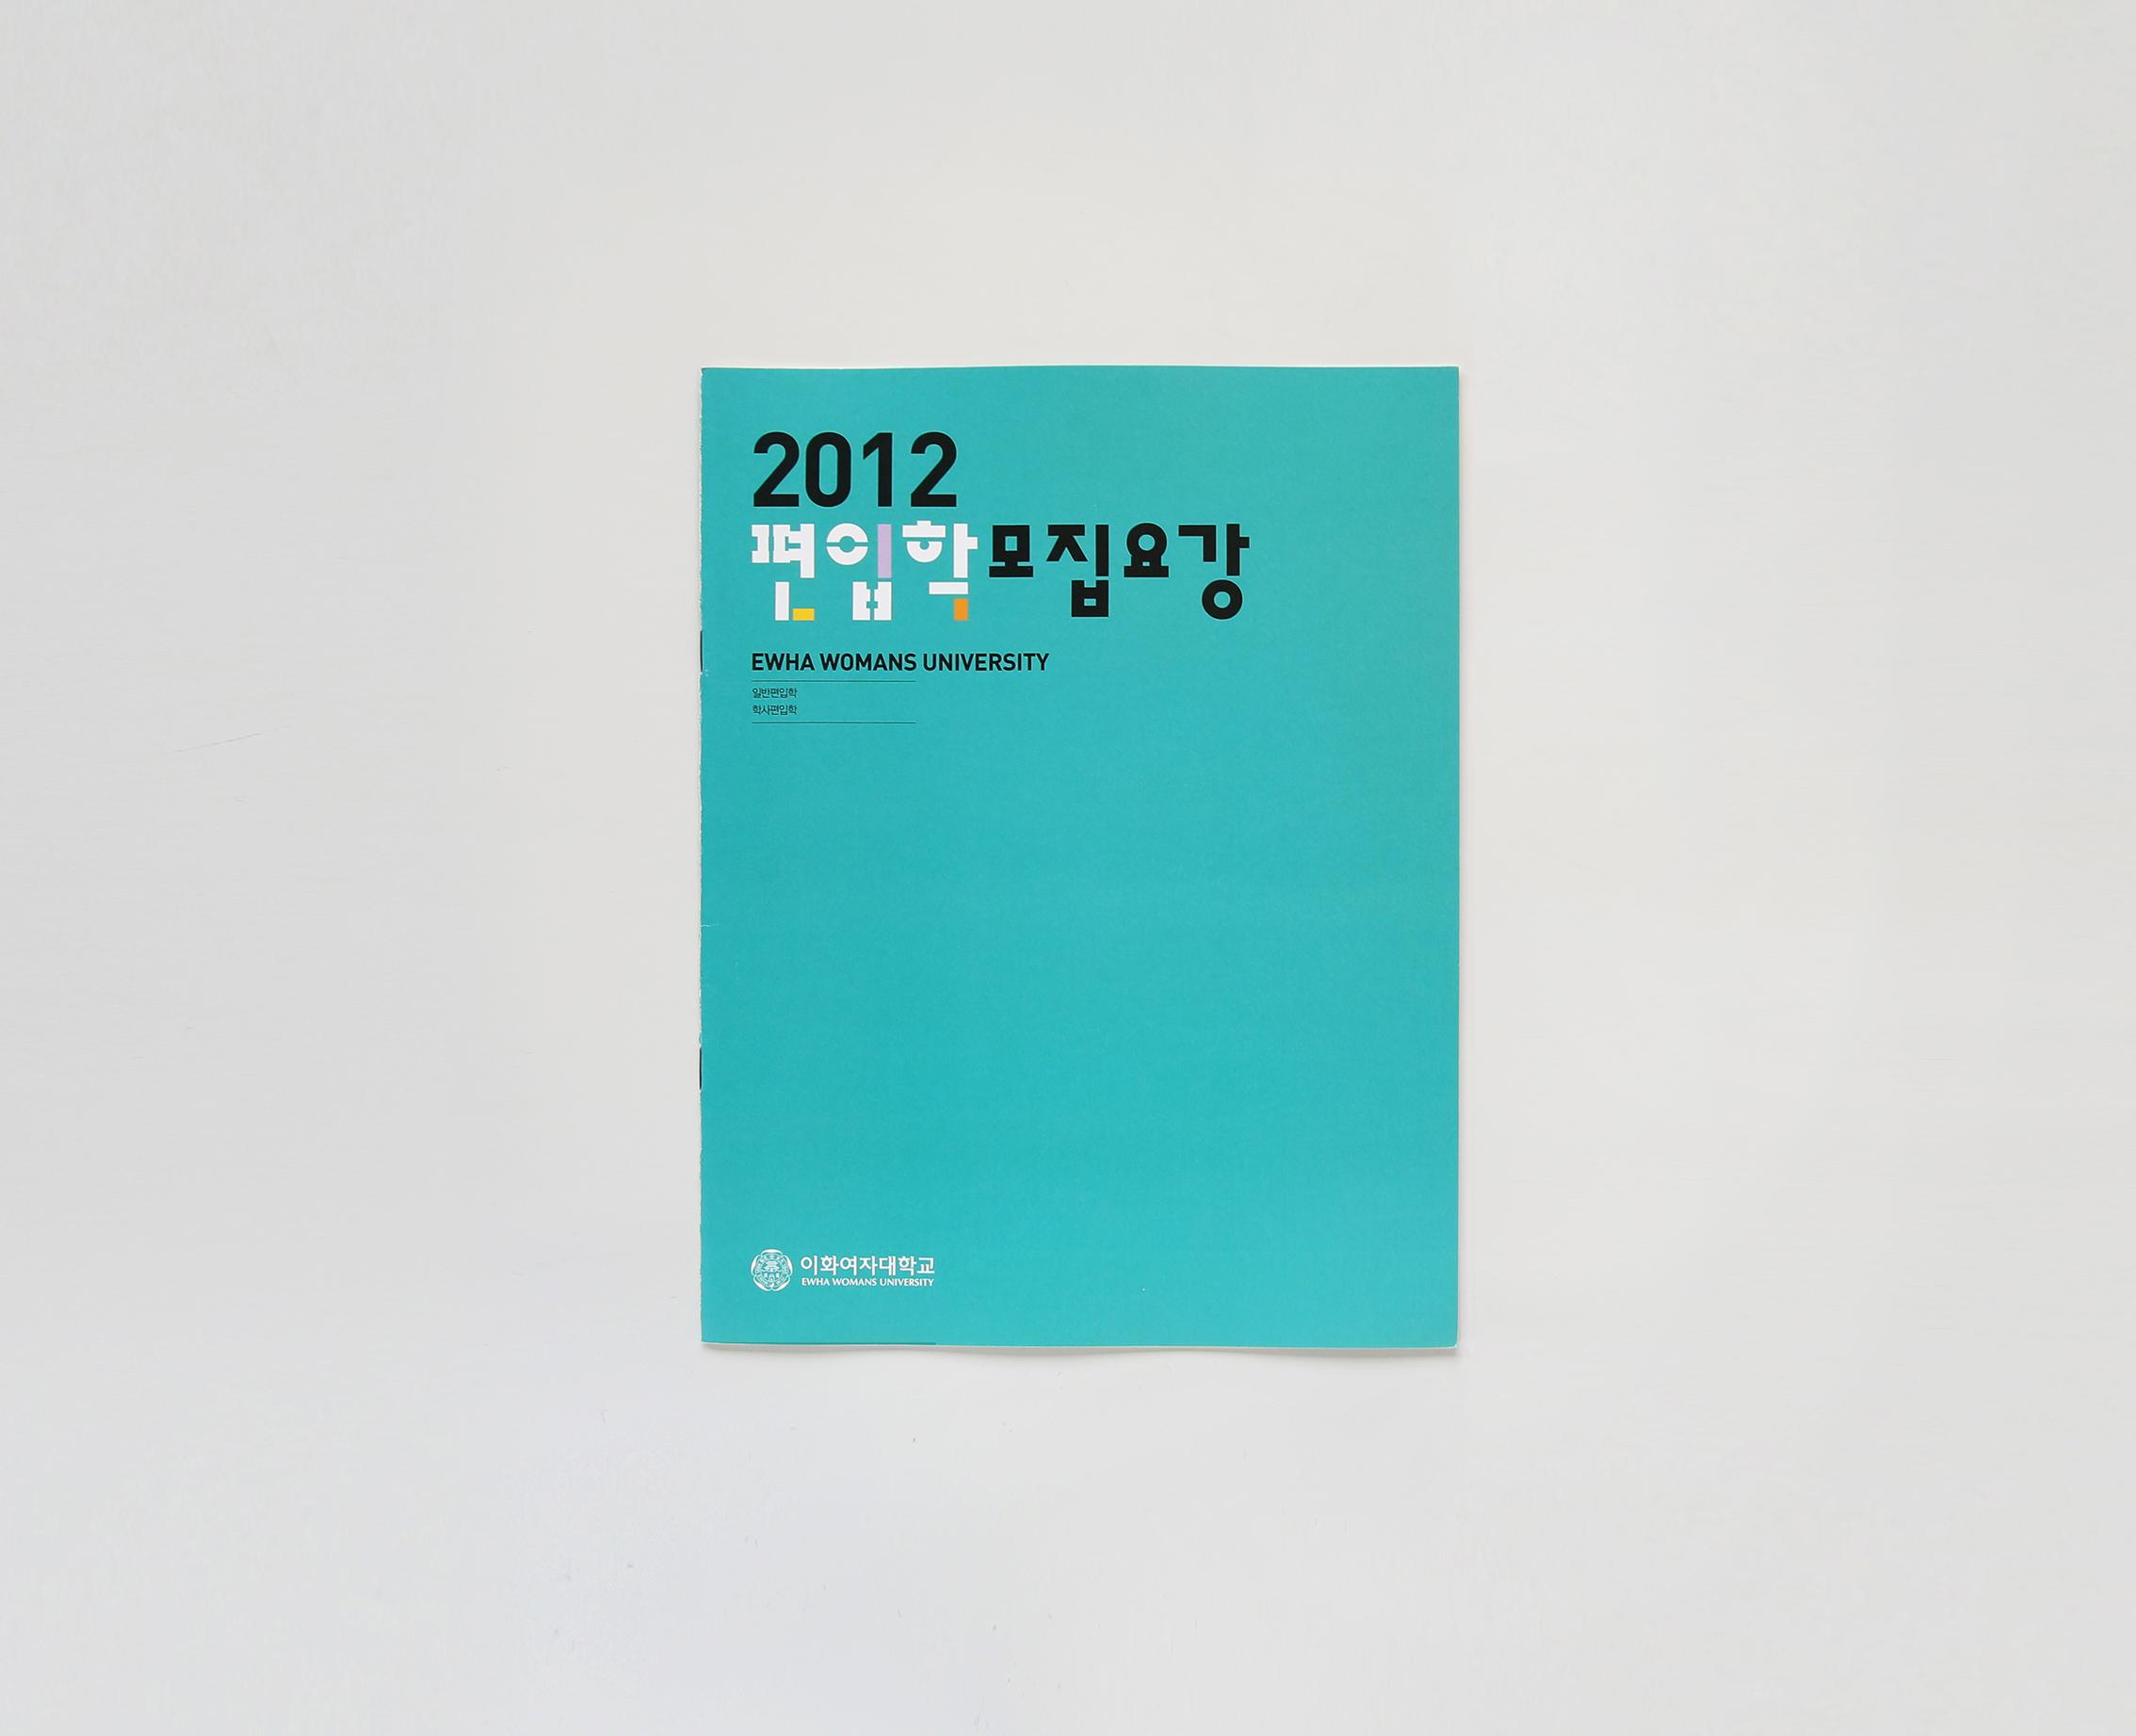 2012-이대약학편입학요강 (6)